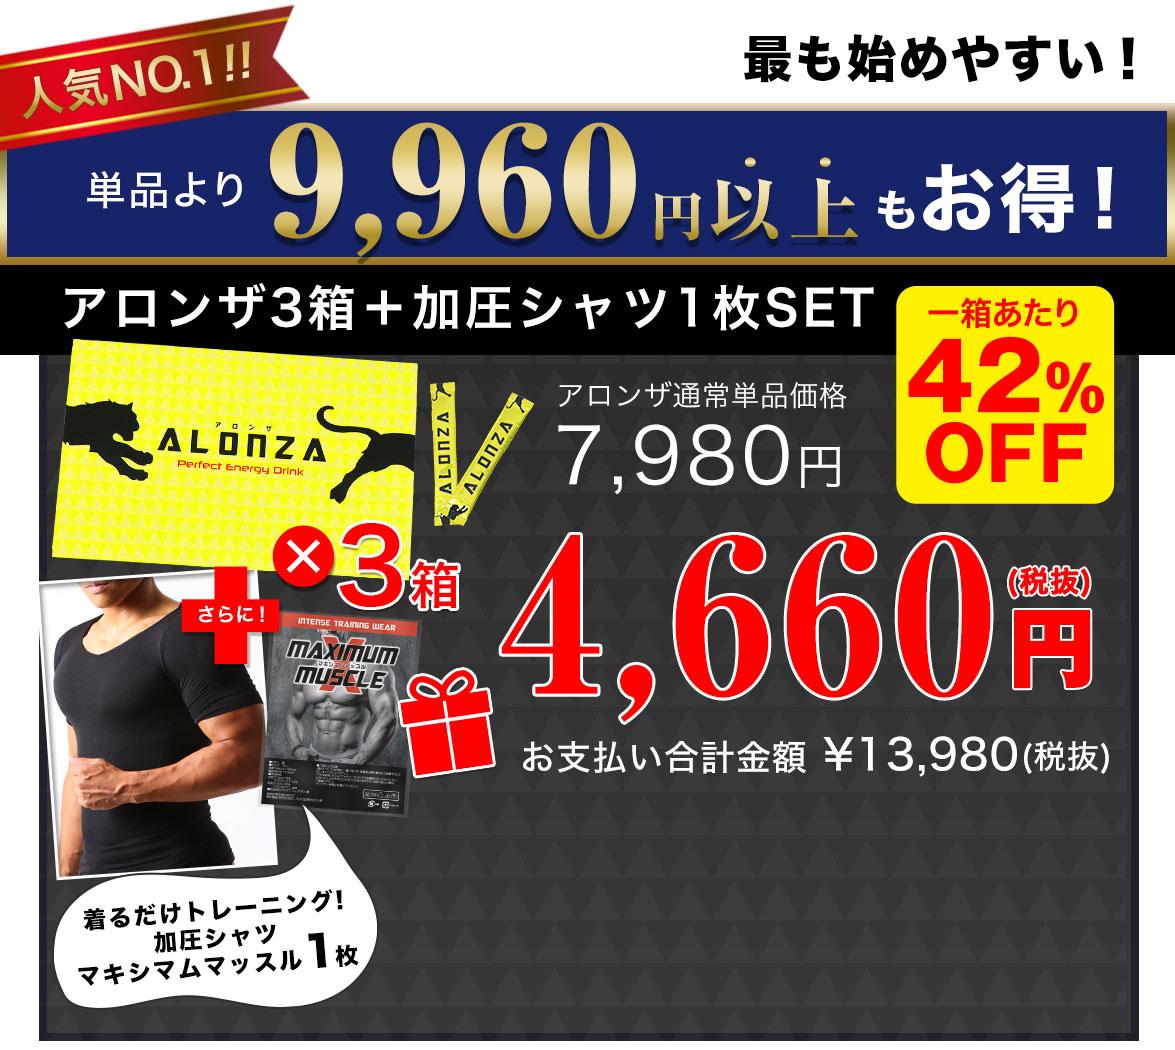 人気No.1 9960円以上もお得!アロンザ3箱x加圧シャツ1枚セット42%OFF